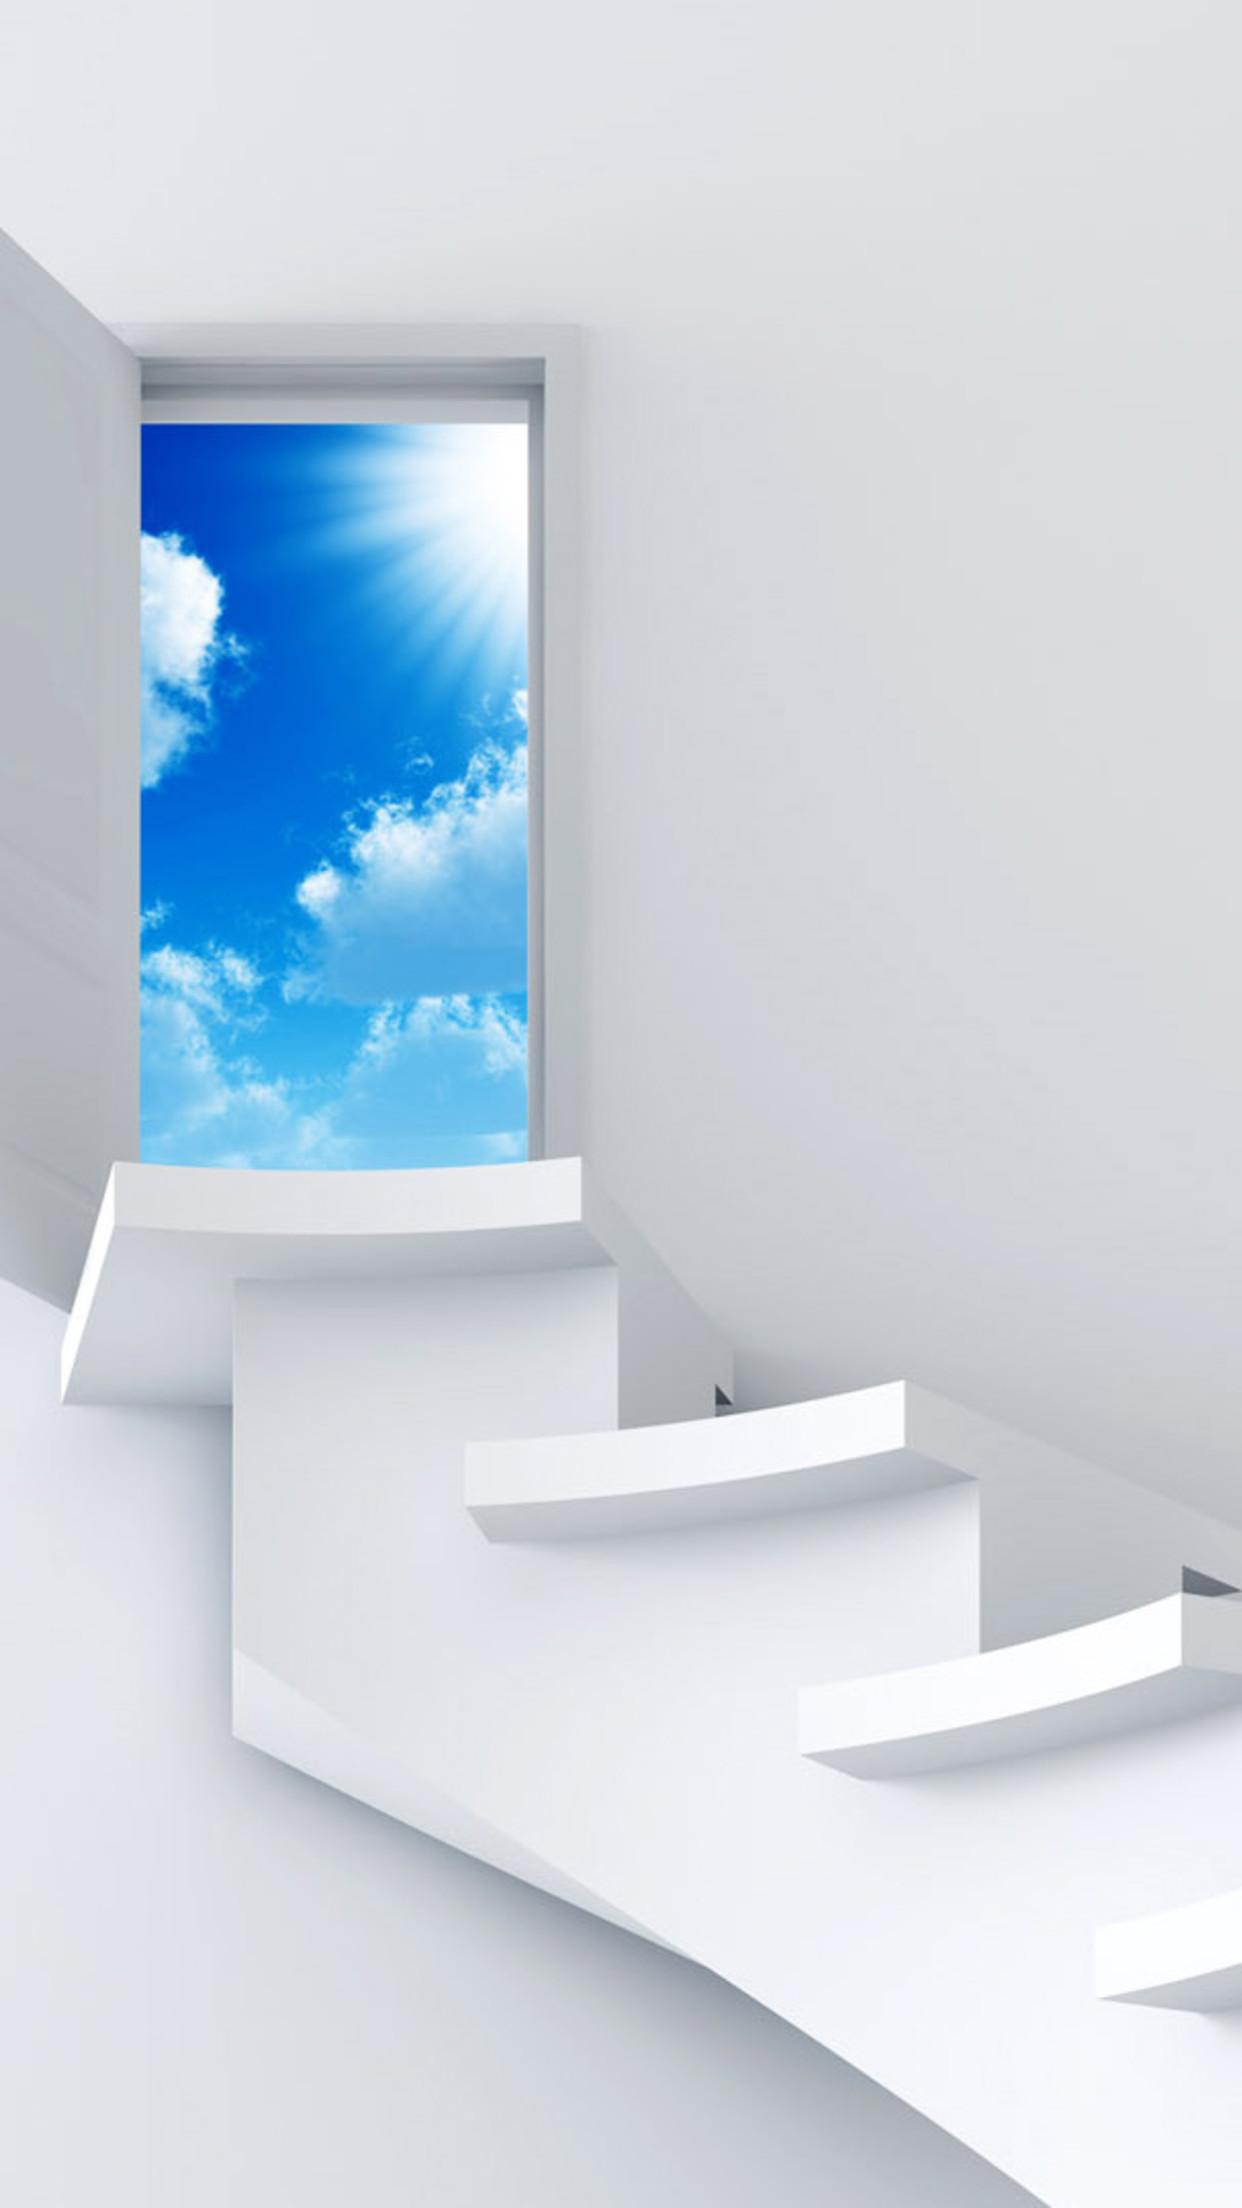 futur door 3Wallpapers iPhone Parallax Les 3Wallpapers iPhone du jour (17/02/2016)